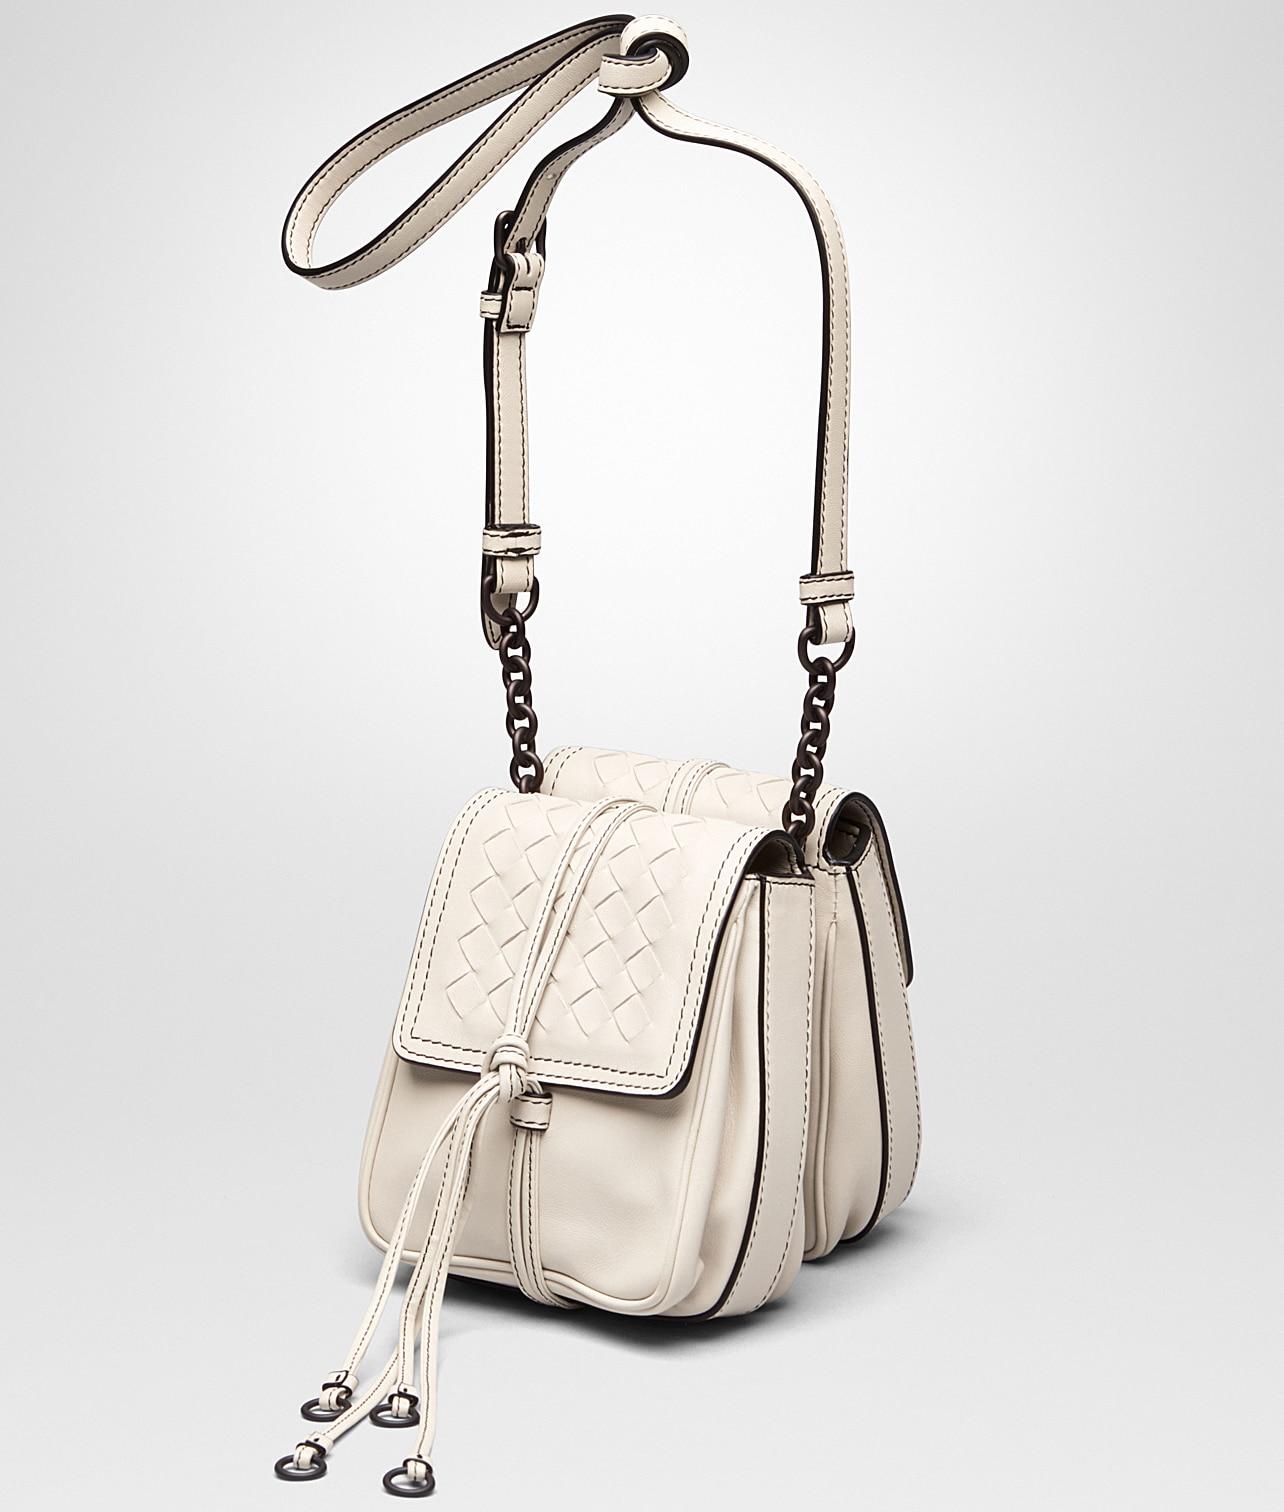 eb459ca9da Bottega Veneta Mist Nappa Intrecciato Double Micro Shoulder Bag